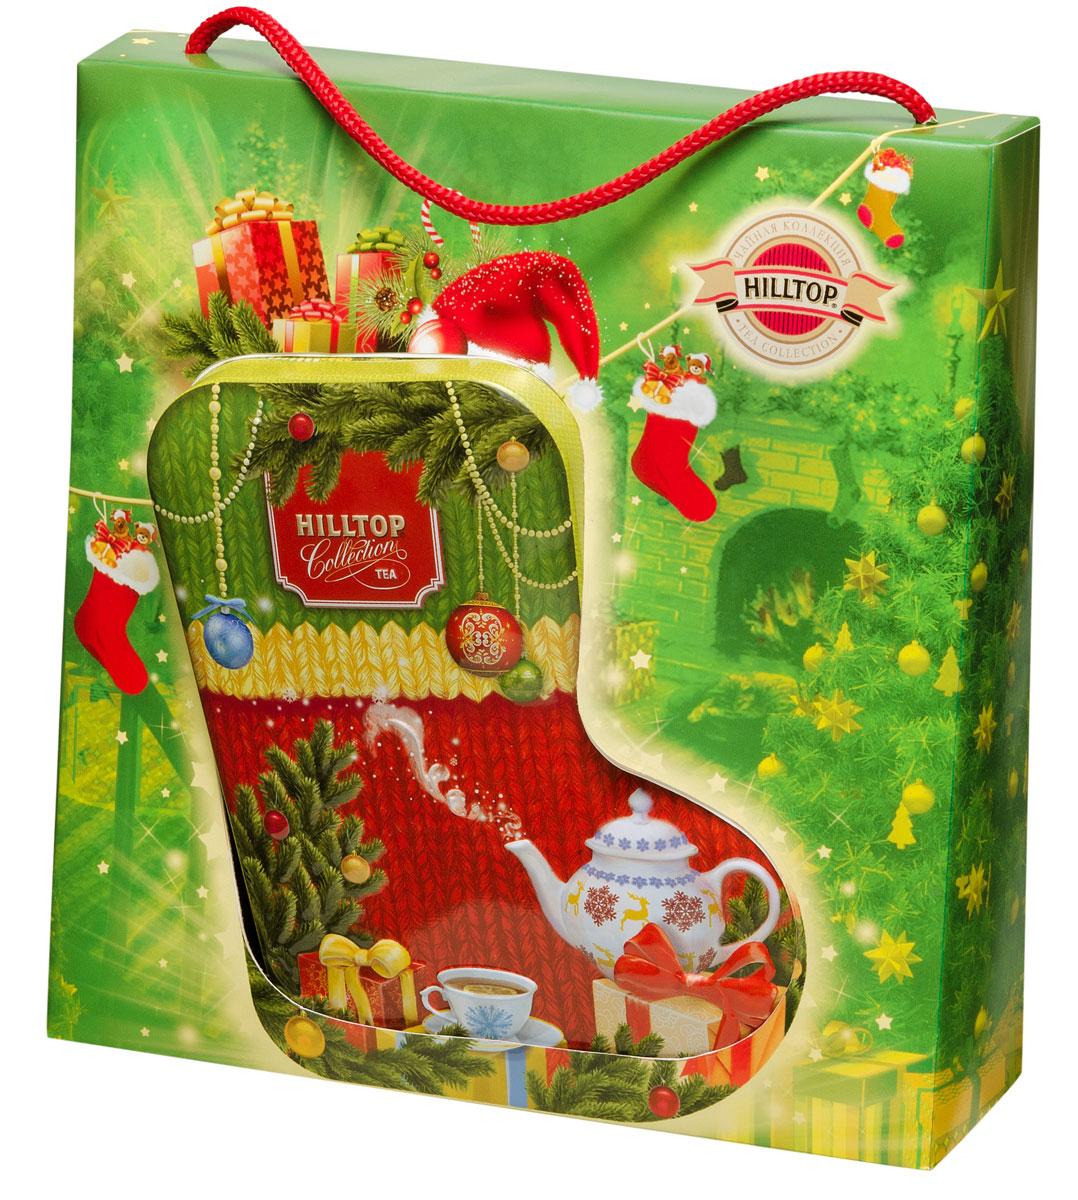 Hilltop Новогоднее чаепитие чайный набор hilltop новогодние подарки чайный набор